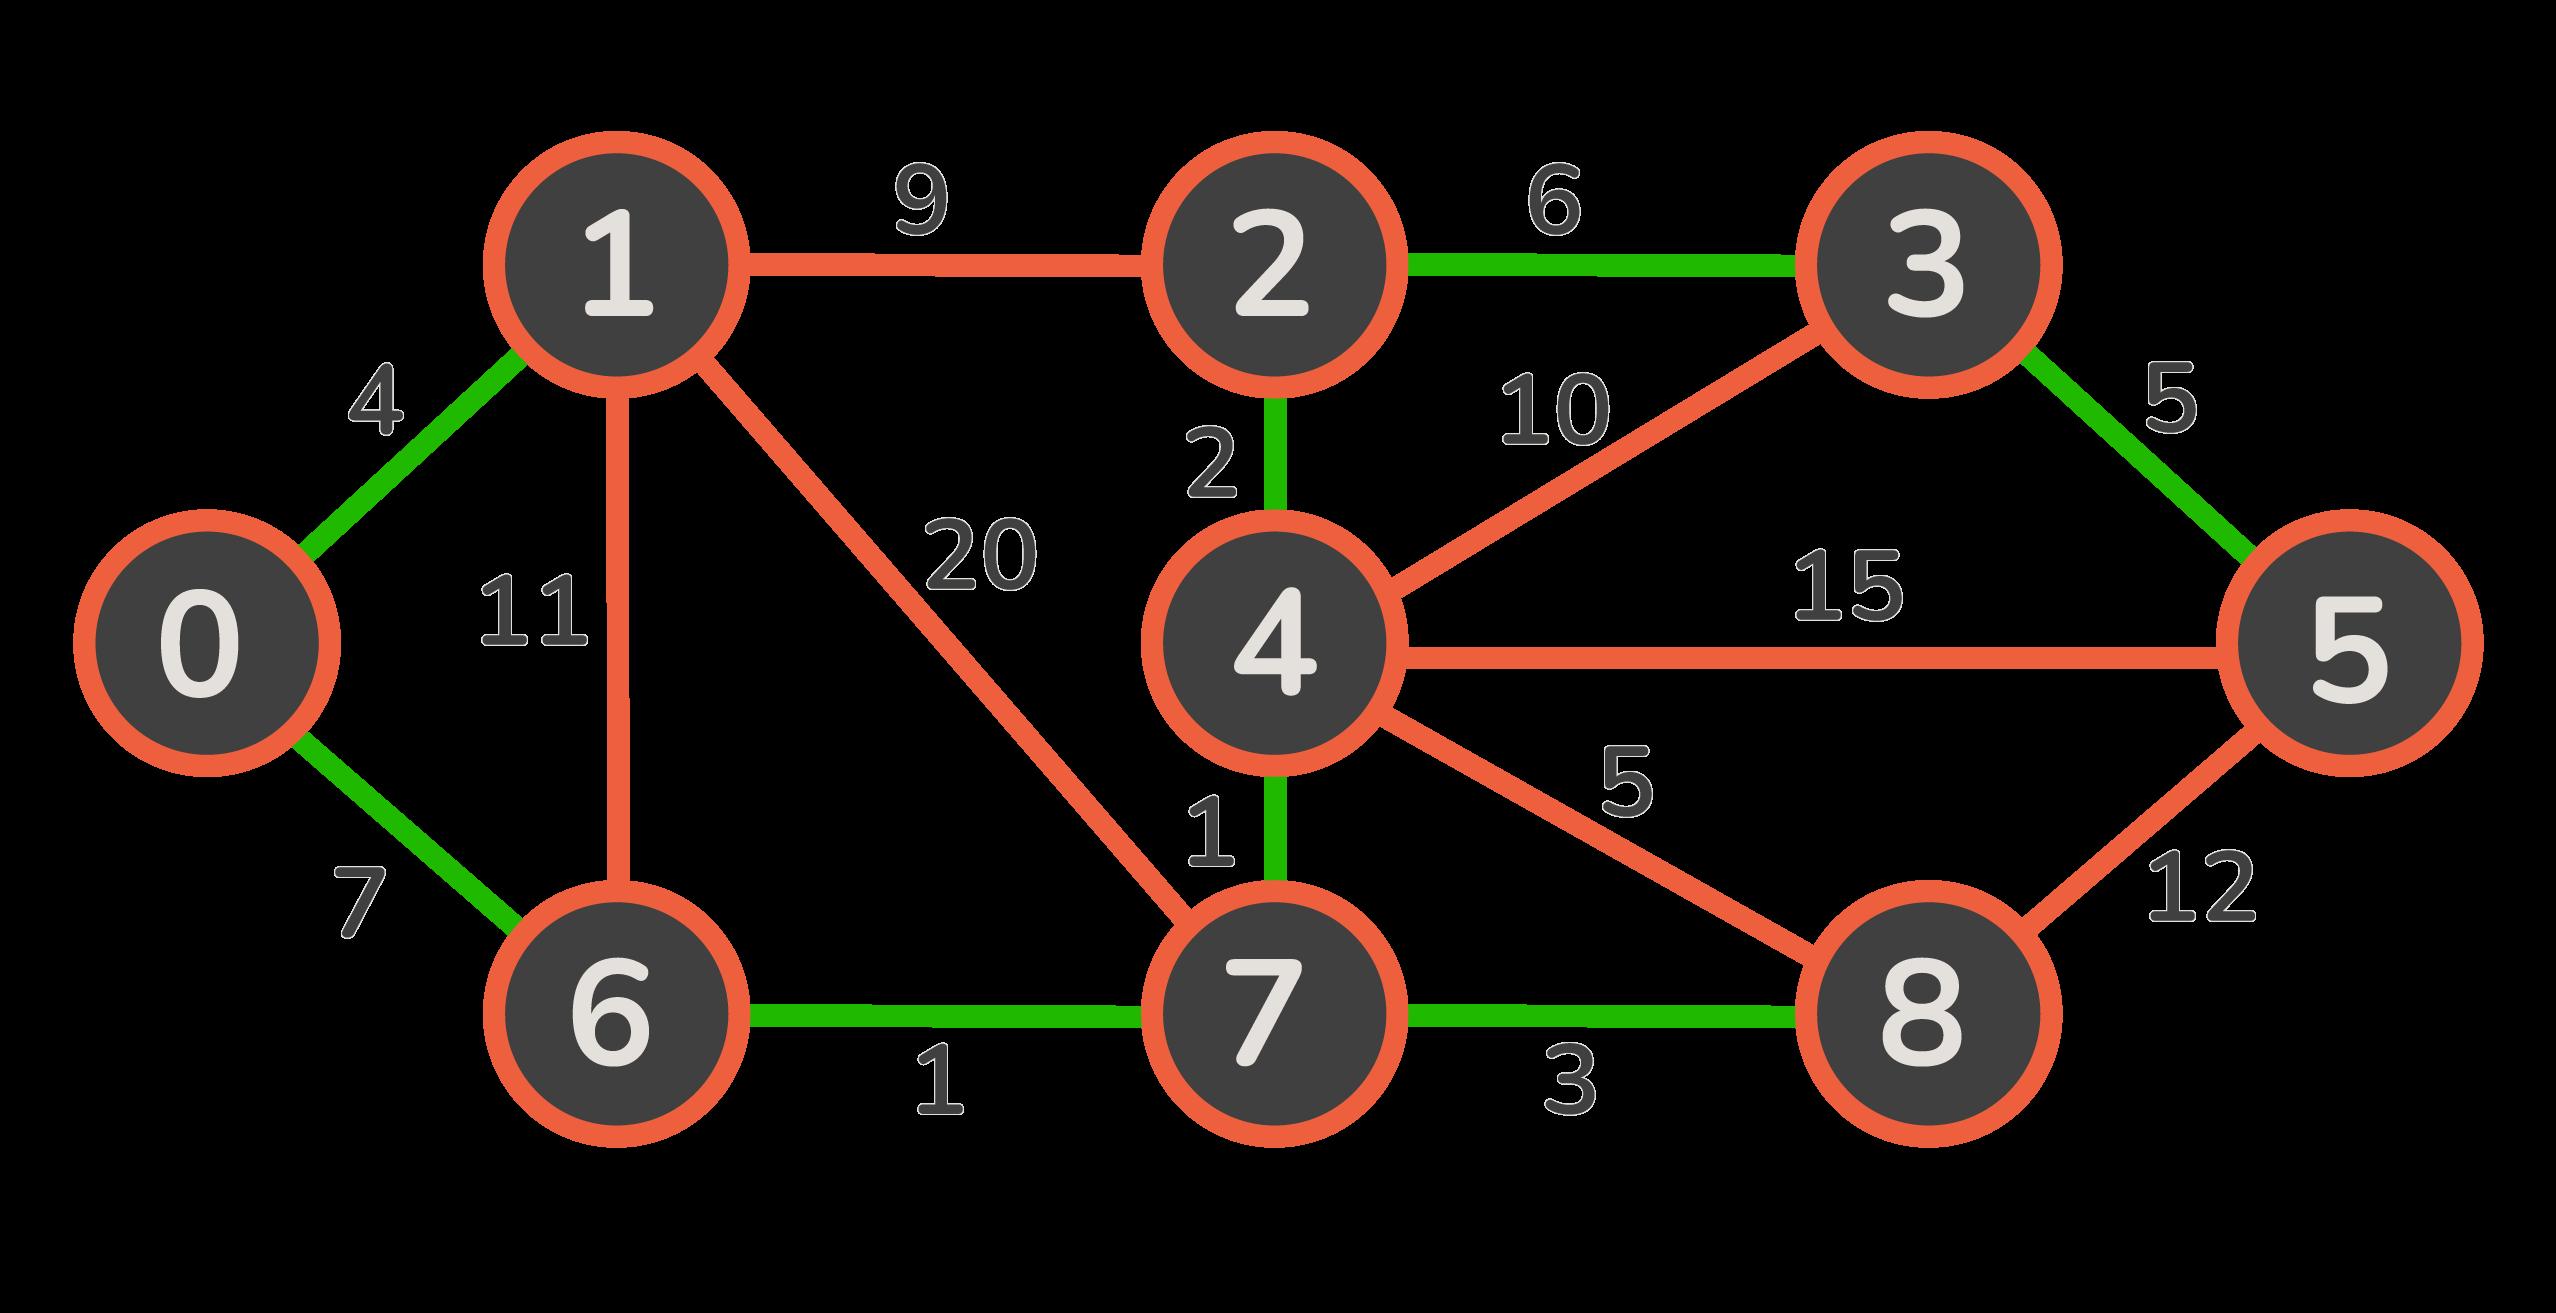 boruvka's algorithm mst